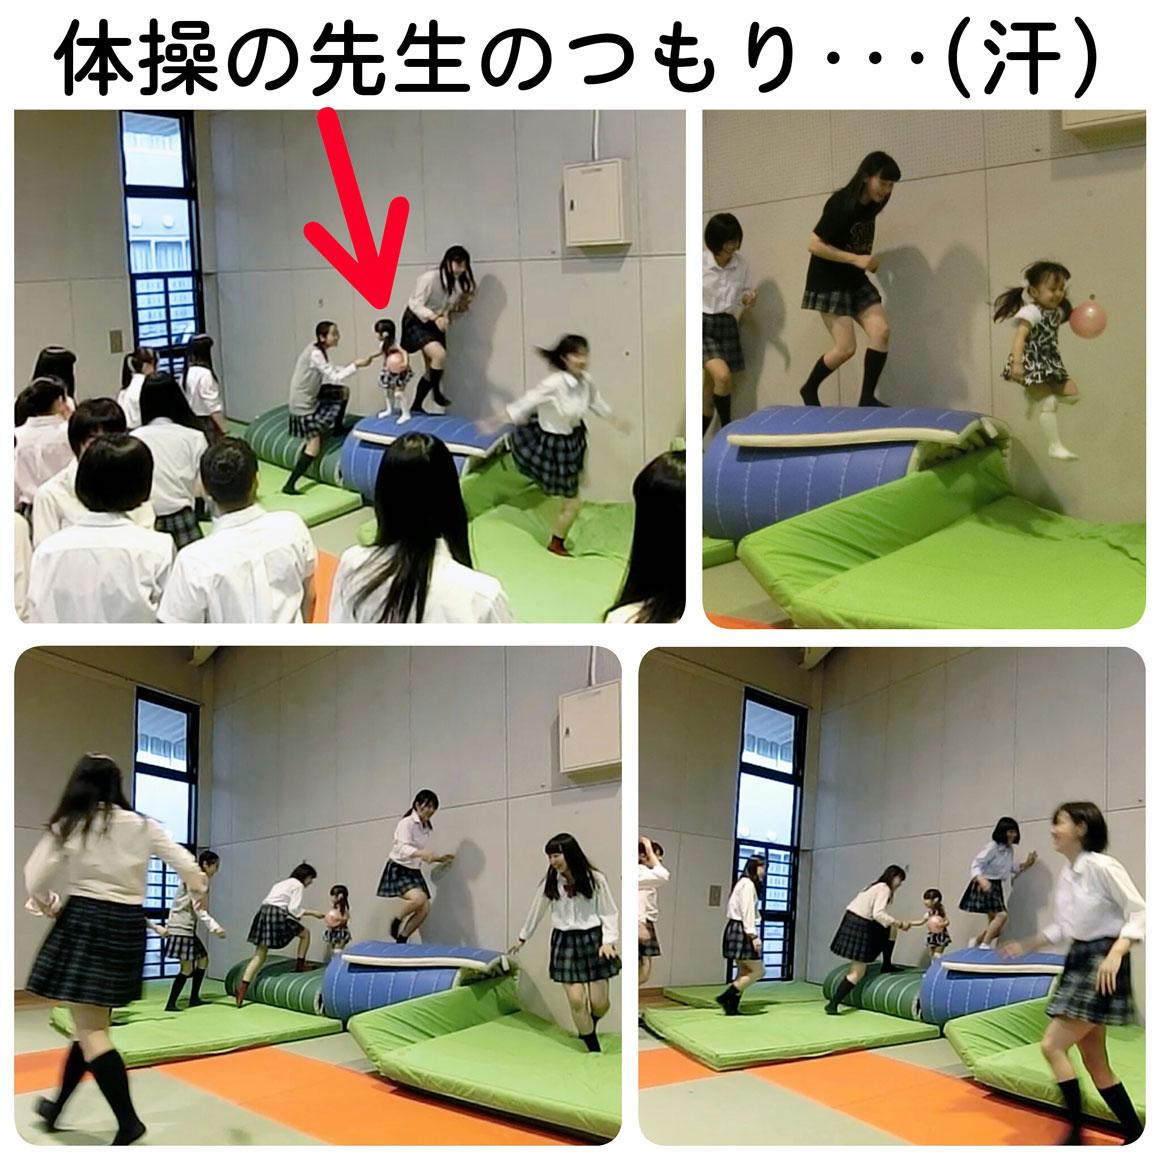 生徒chan達と、アルバム撮影 & 結婚のお祝いへ_d0224894_12251354.jpg